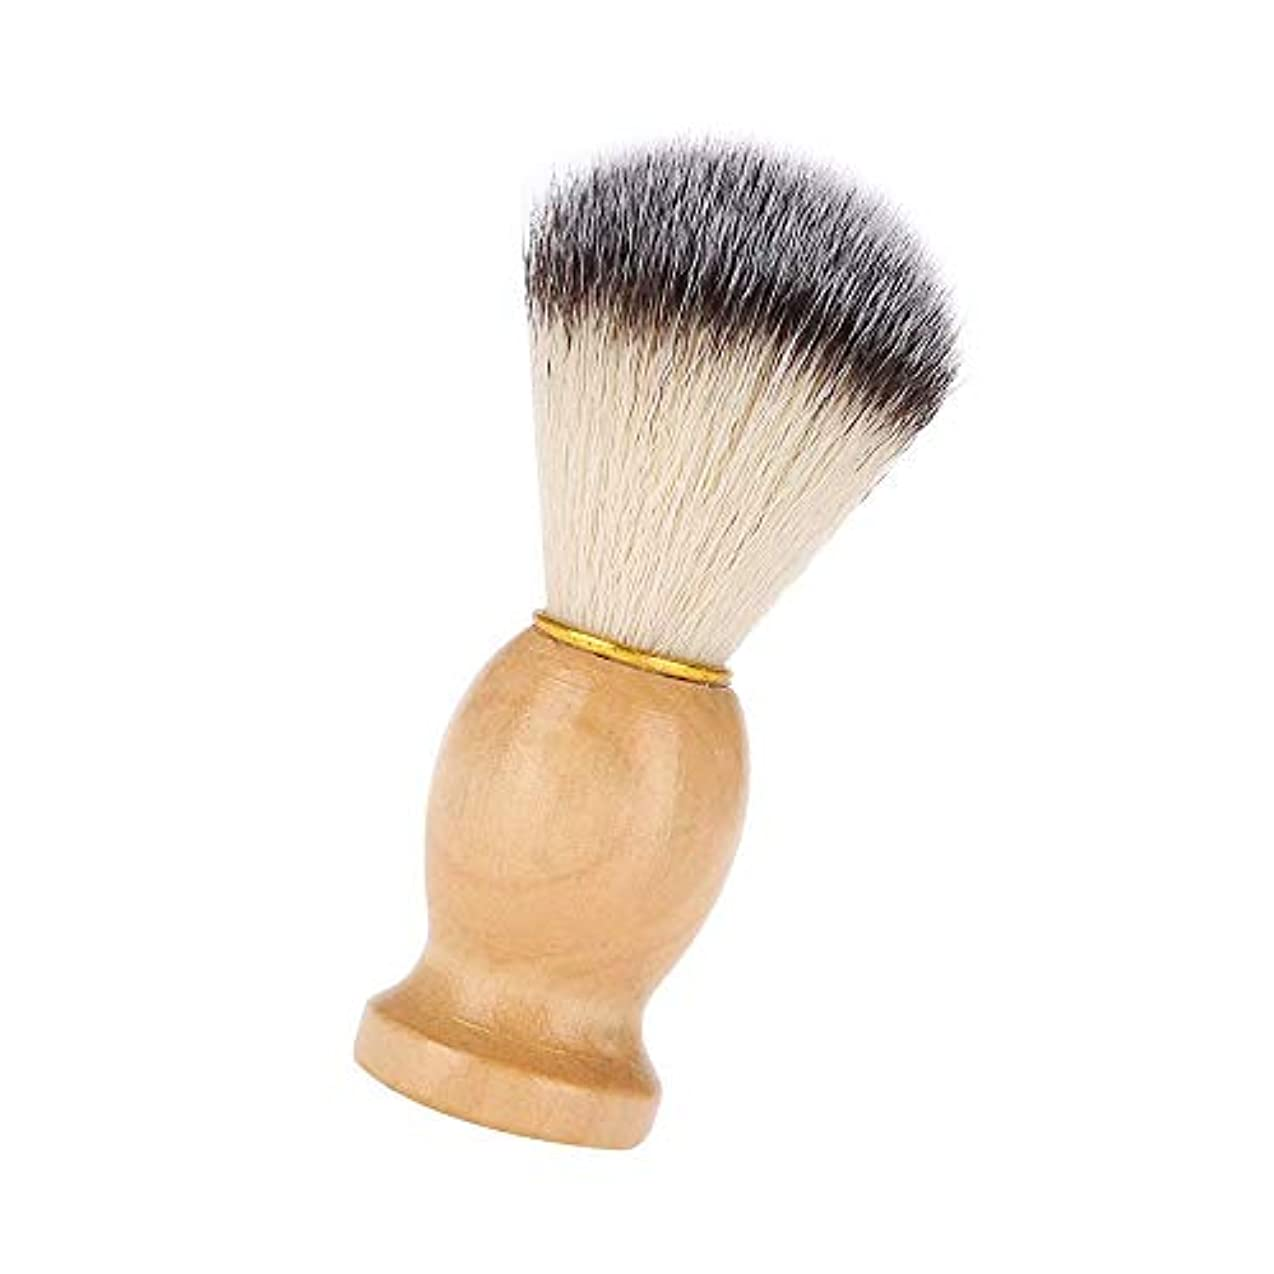 大通り傾向がある積極的に1本セット ヘア シェービングブラシ 髭剃り ひげブラシメンズシェービングブラシ